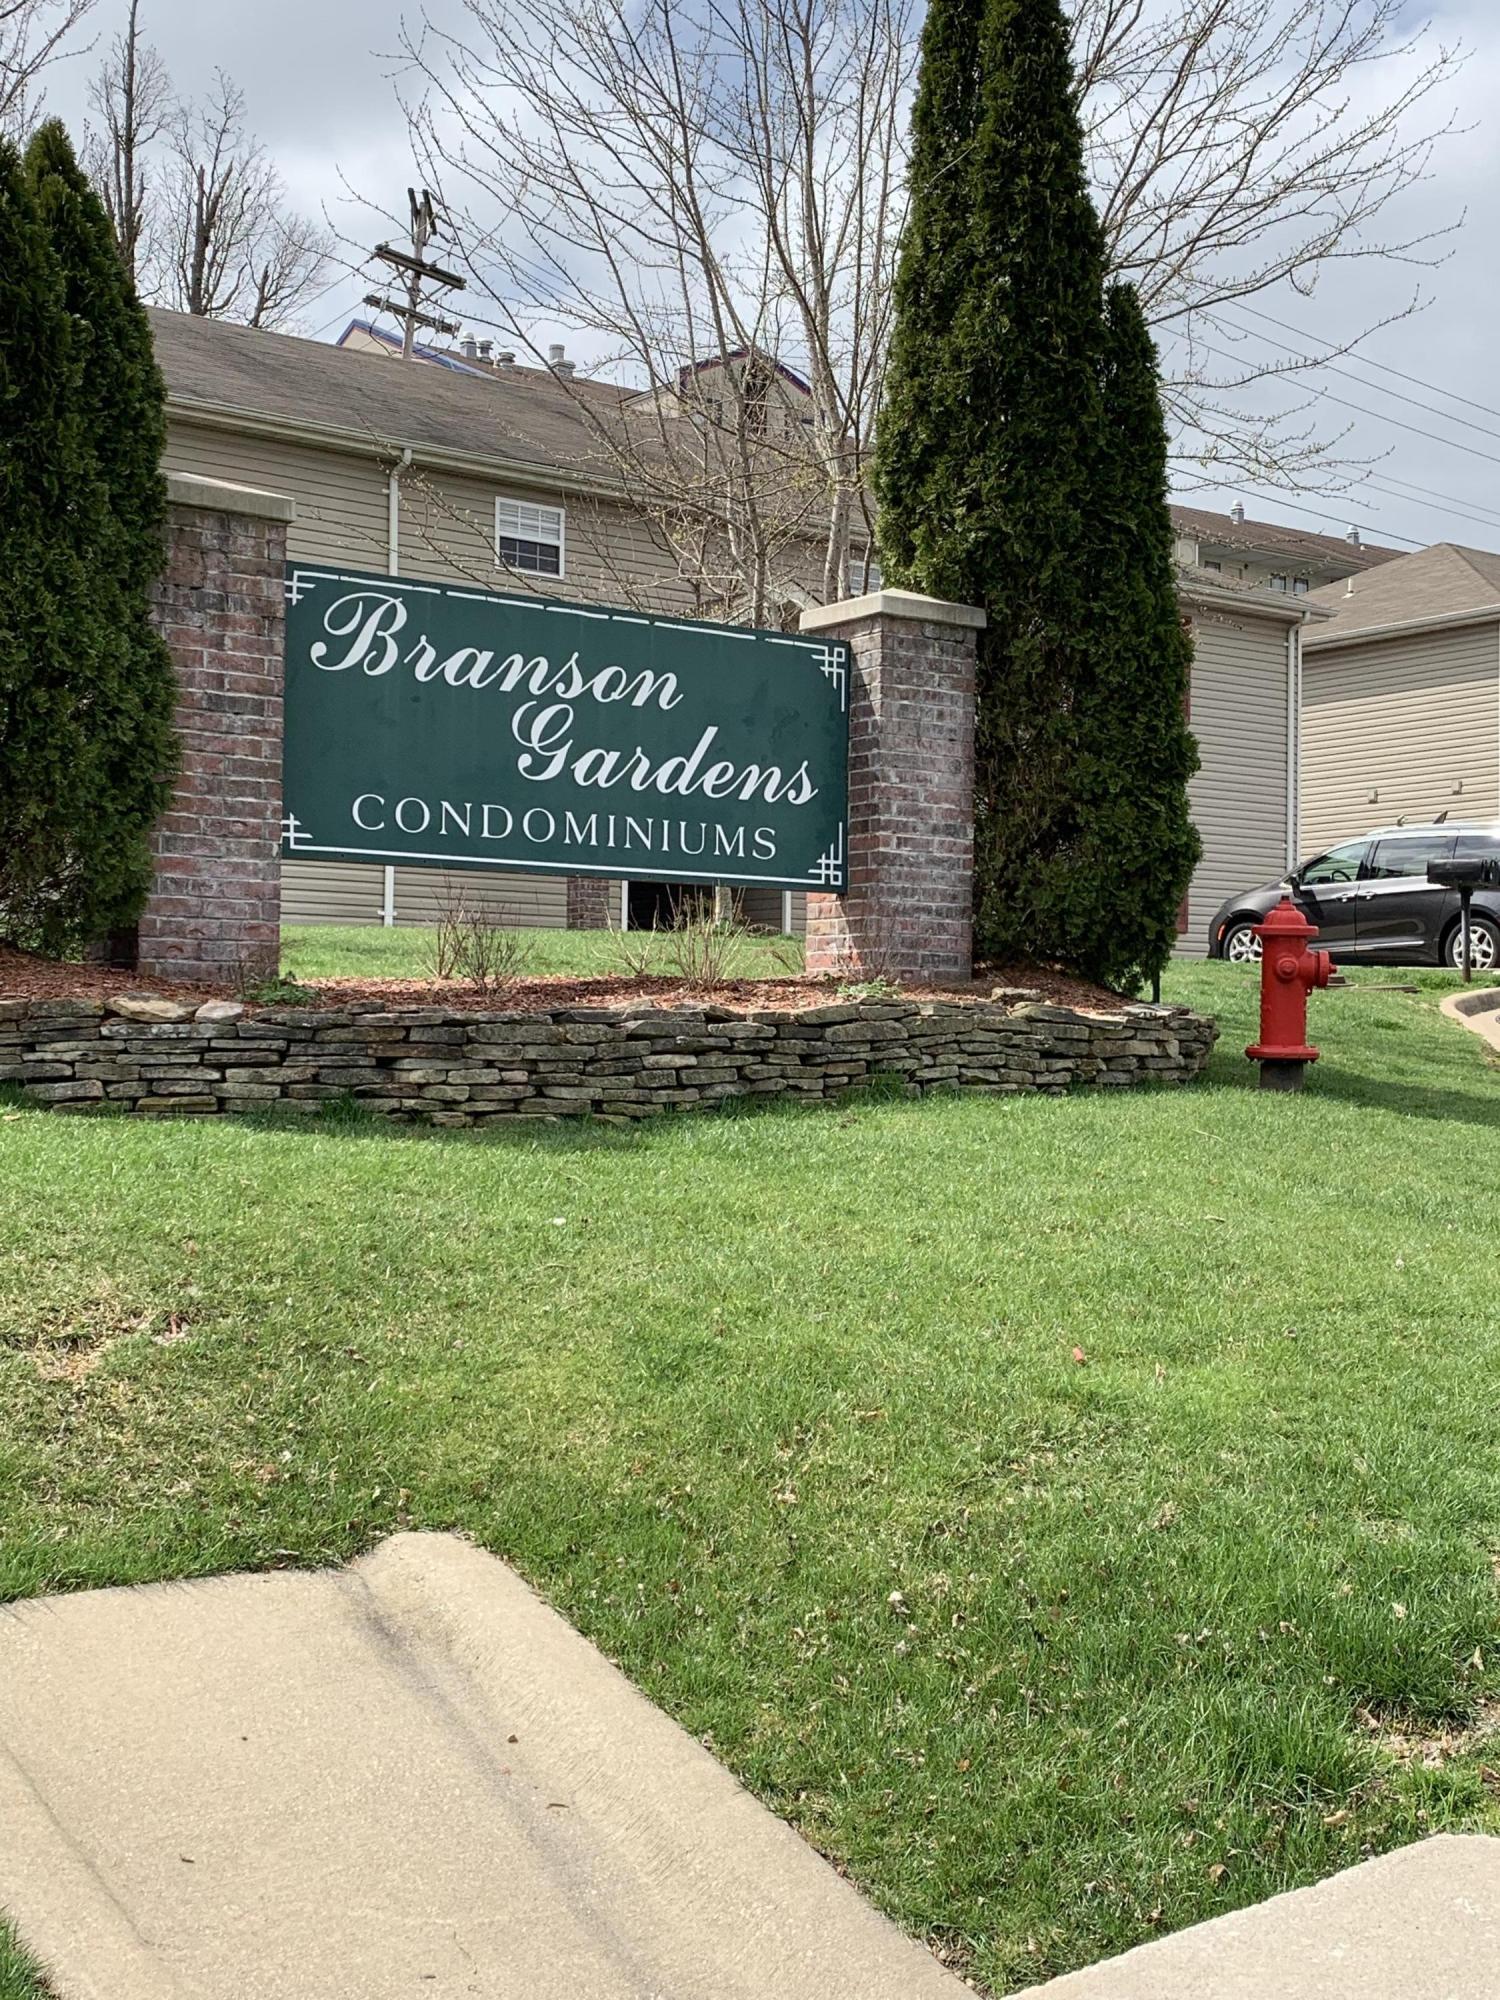 102 Garden Circle Branson, MO 65616